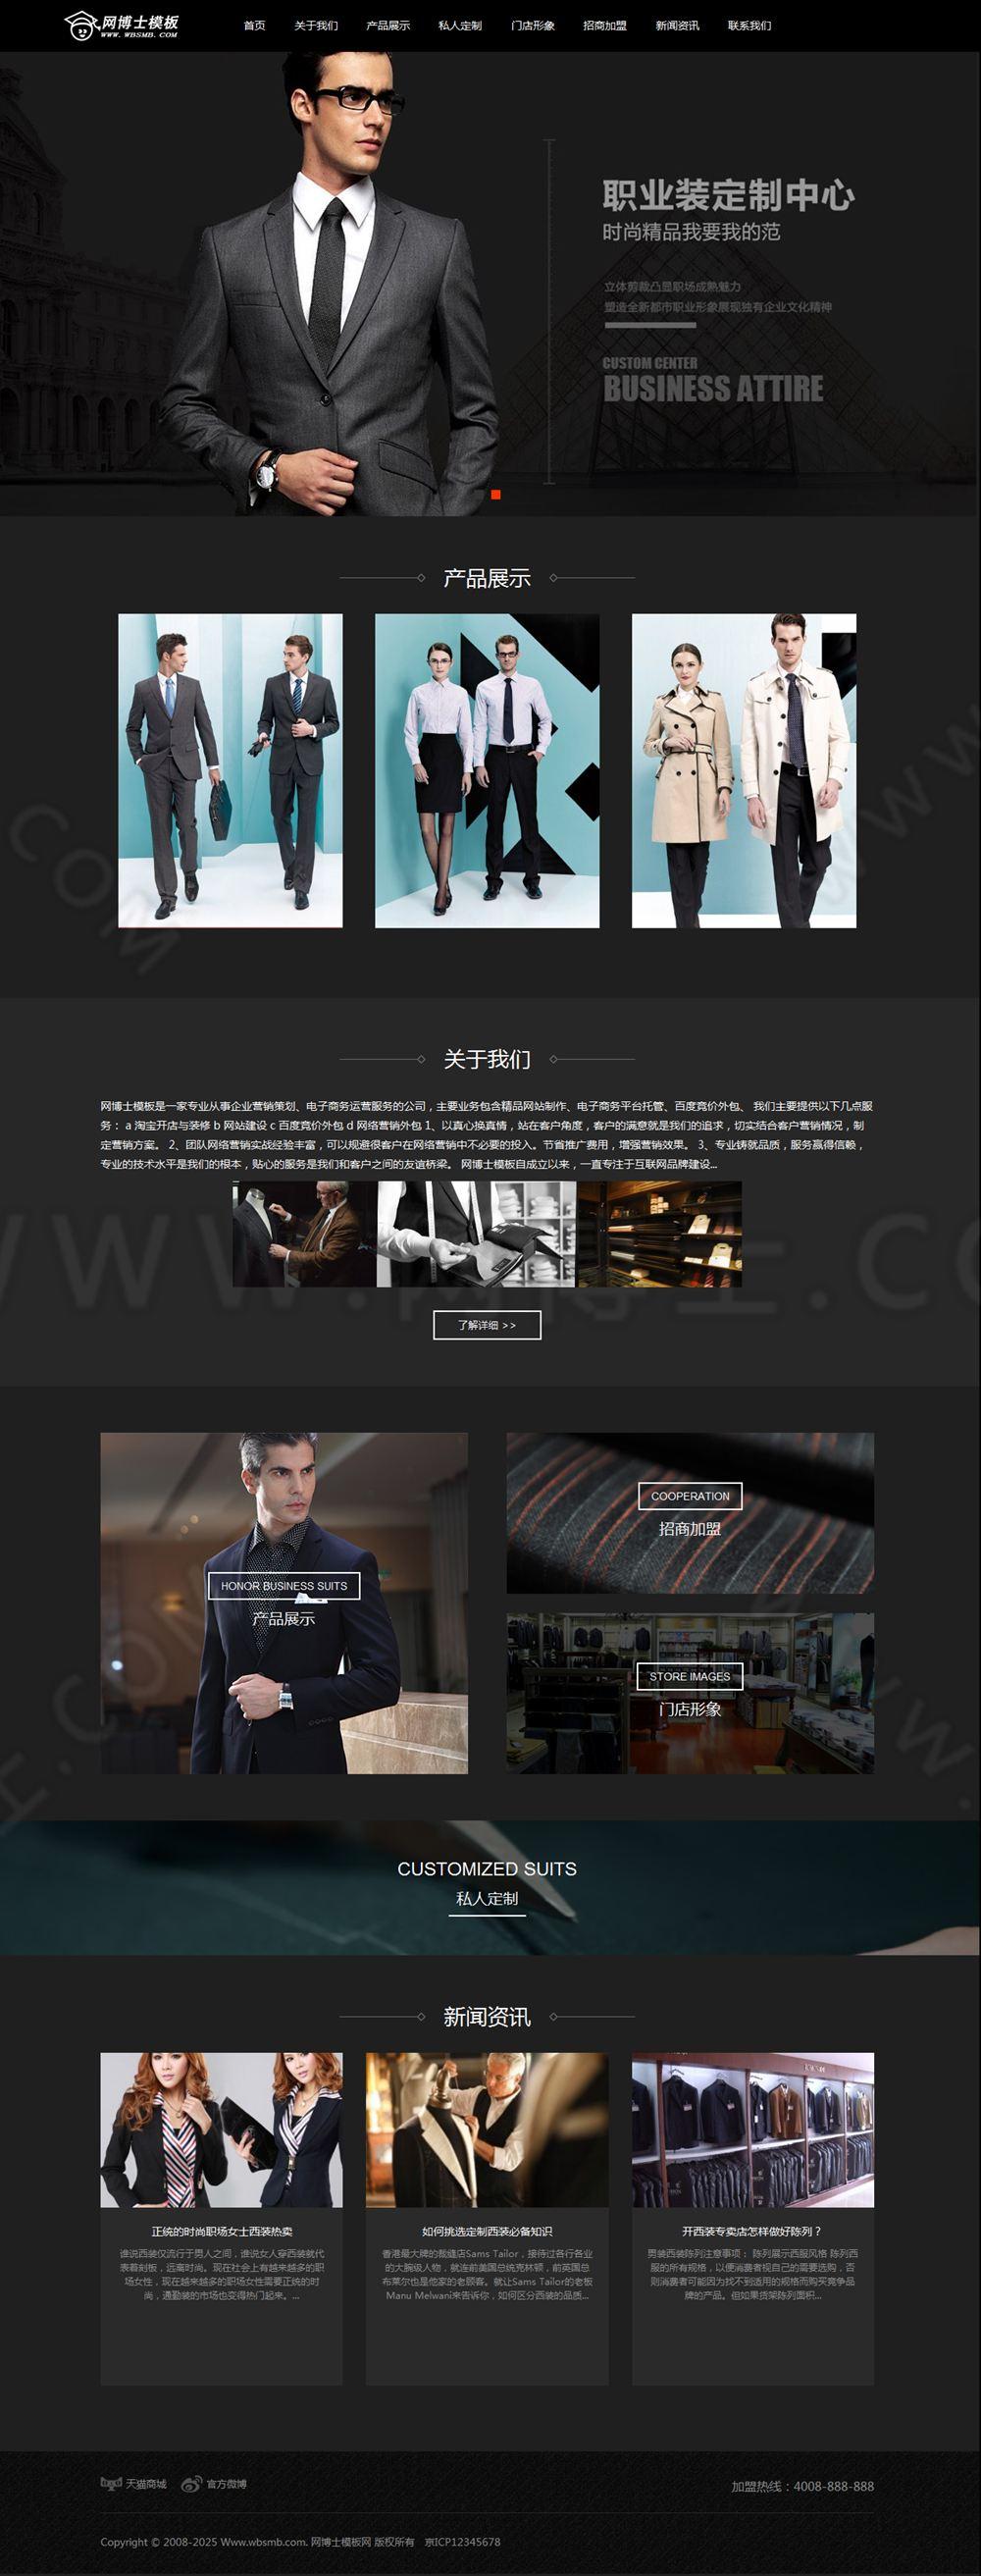 西装服饰工作服装量身定制网站模板